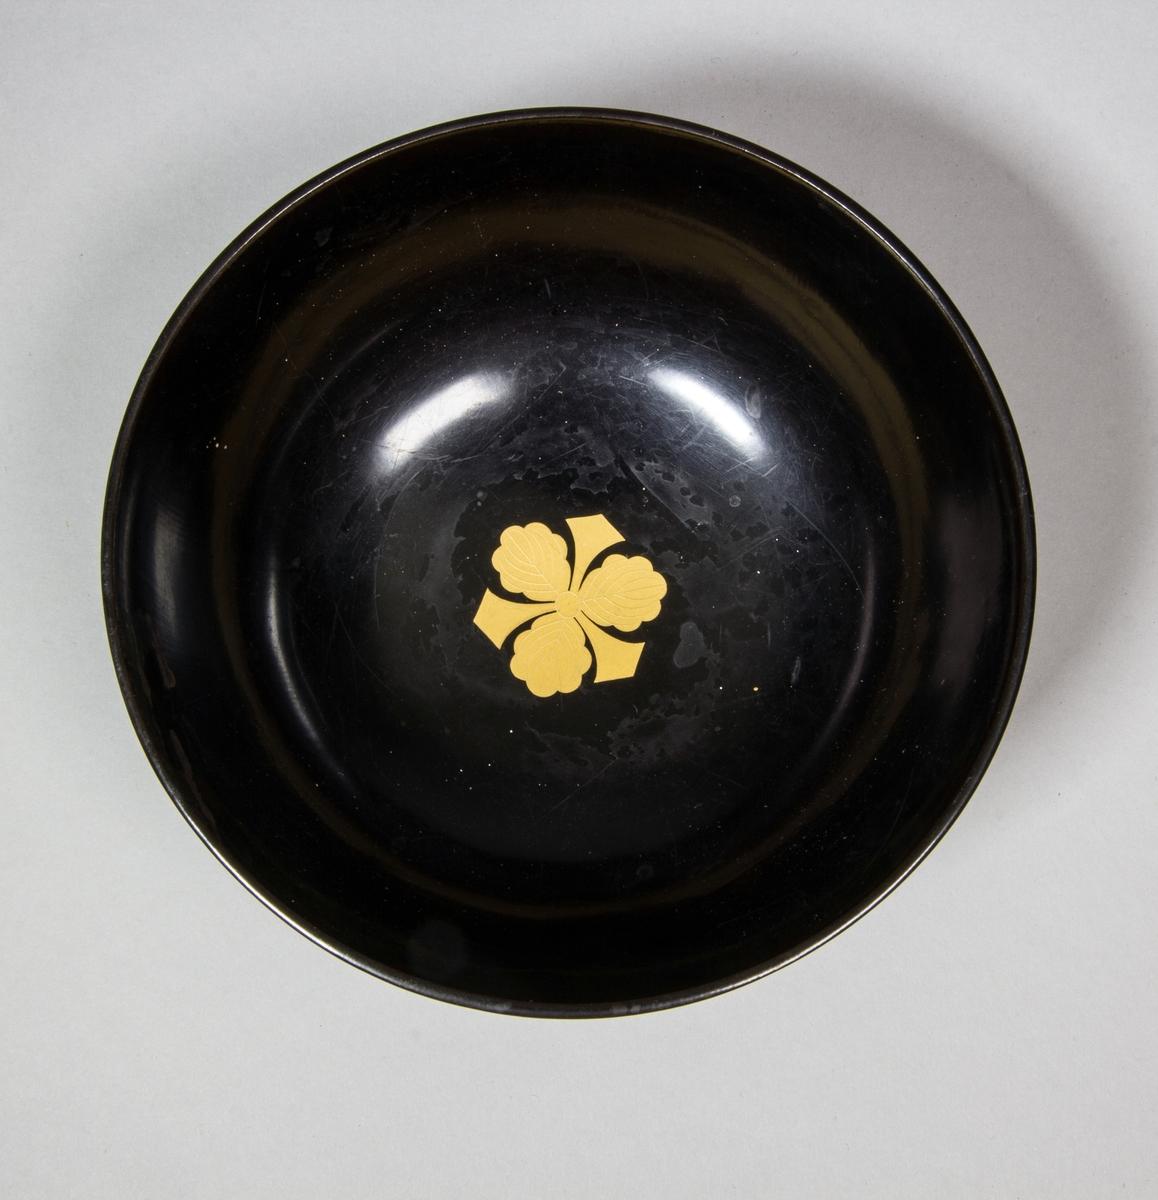 Skål, halvsfärisk, av svart lack. Invändigt inlagd guldfärgat blomliknande ornament.